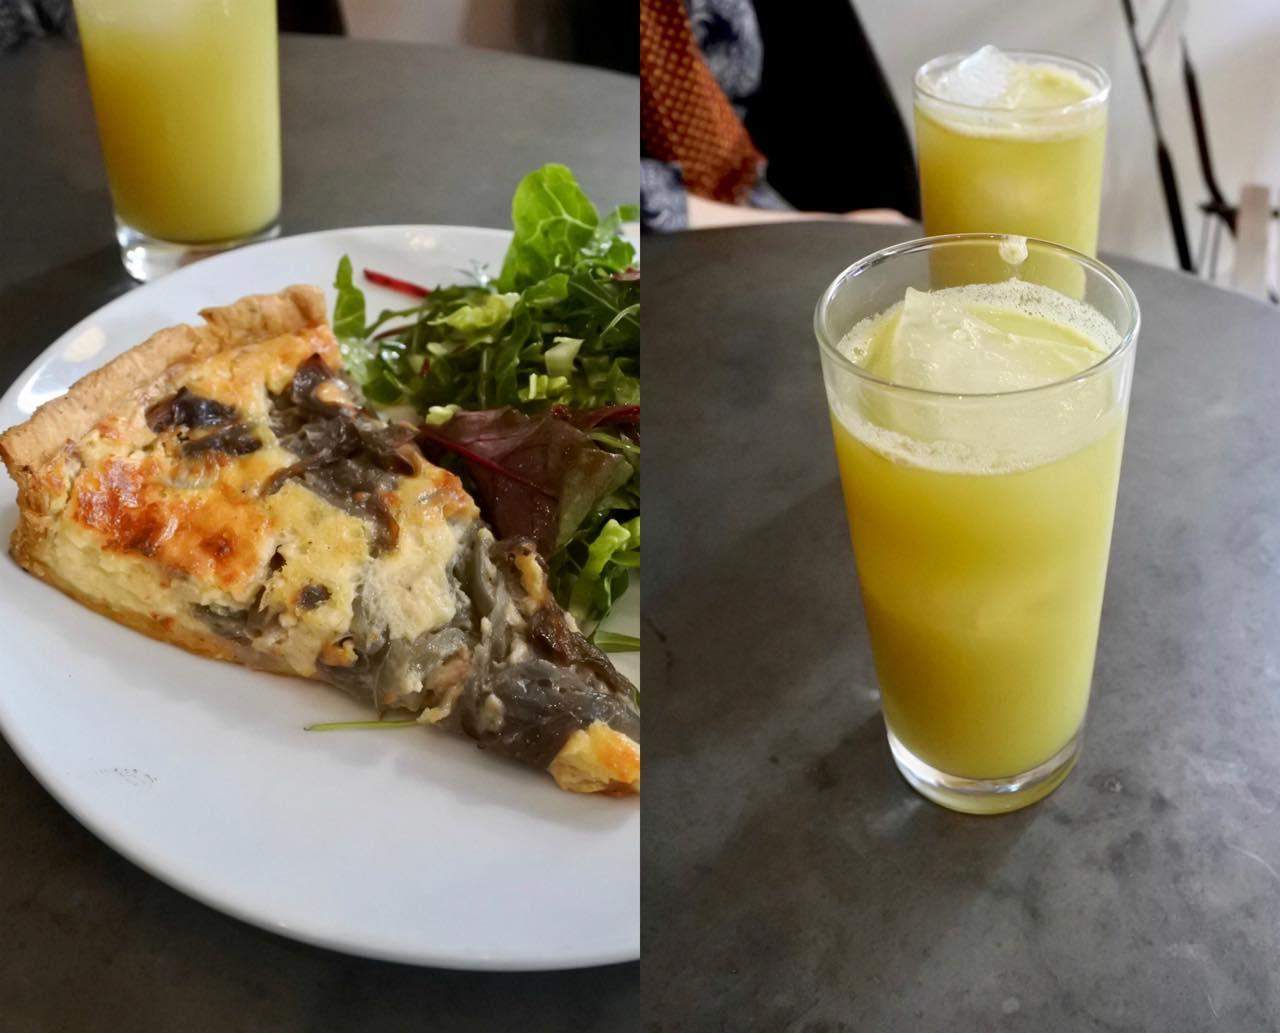 キャラメル・オニオンのキッシュ、美味しかったです ^^  やはりペイストリー部分がサクサク。パイナップルとセロリの面白い取り合わせのジュースはフレッシュで美味!